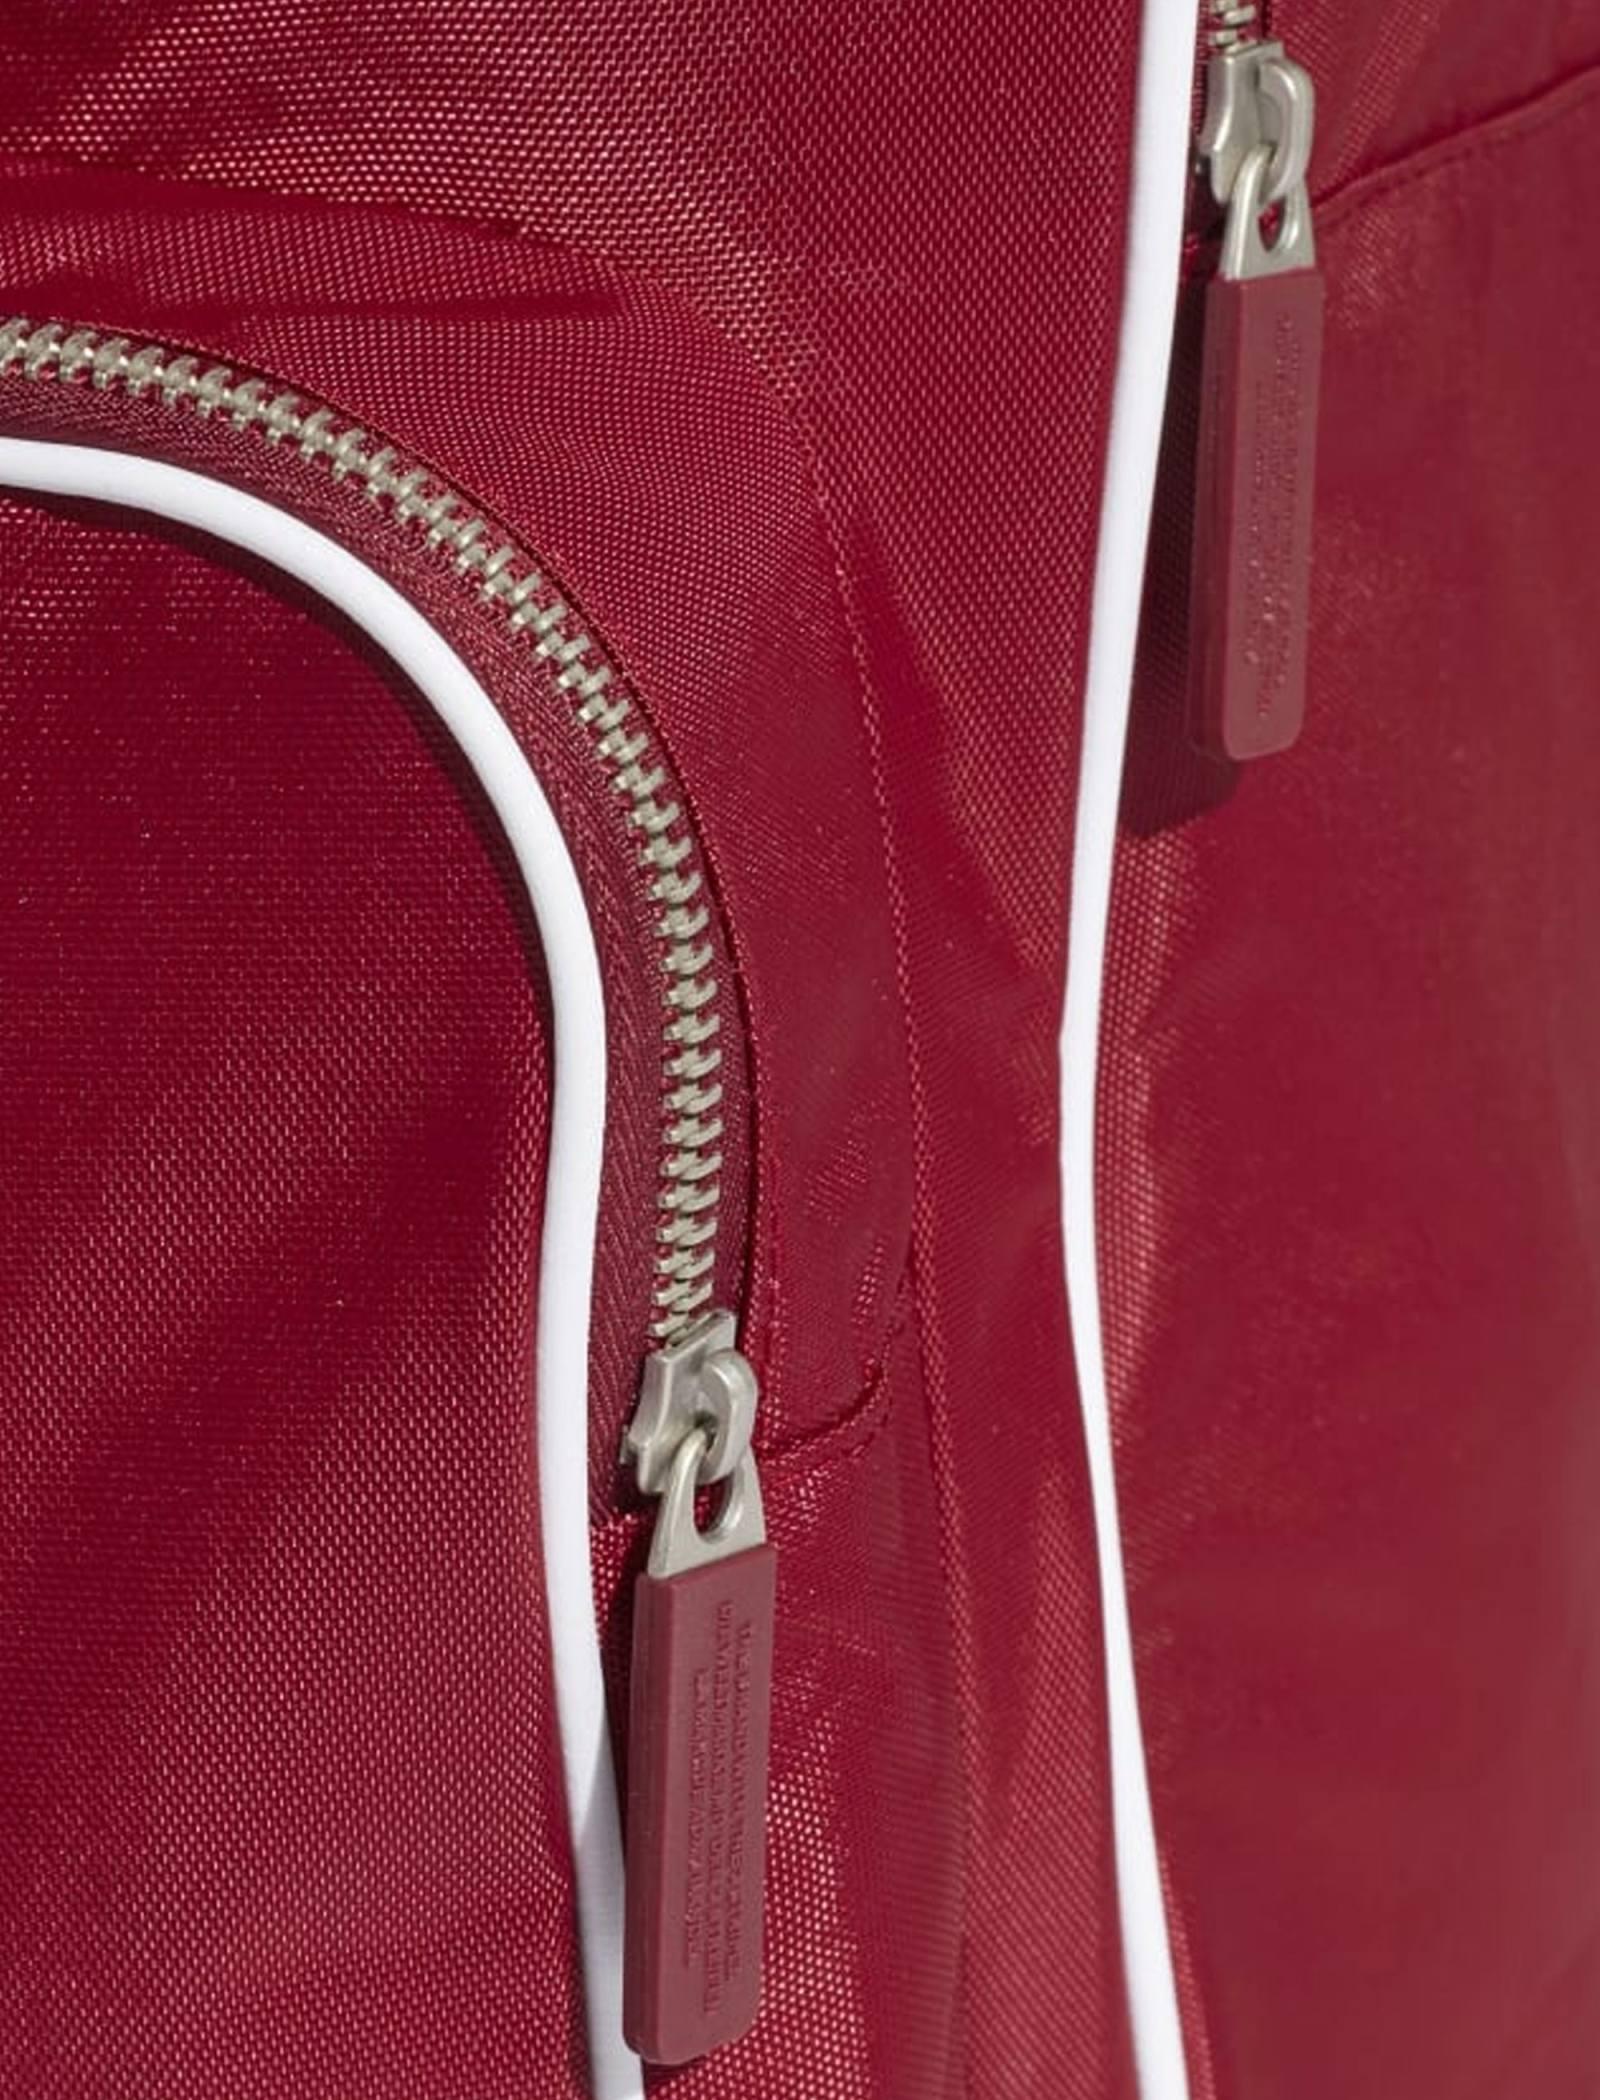 کوله پشتی روزمره بزرگسال Classic - آدیداس تک سایز - قرمز تيره - 5